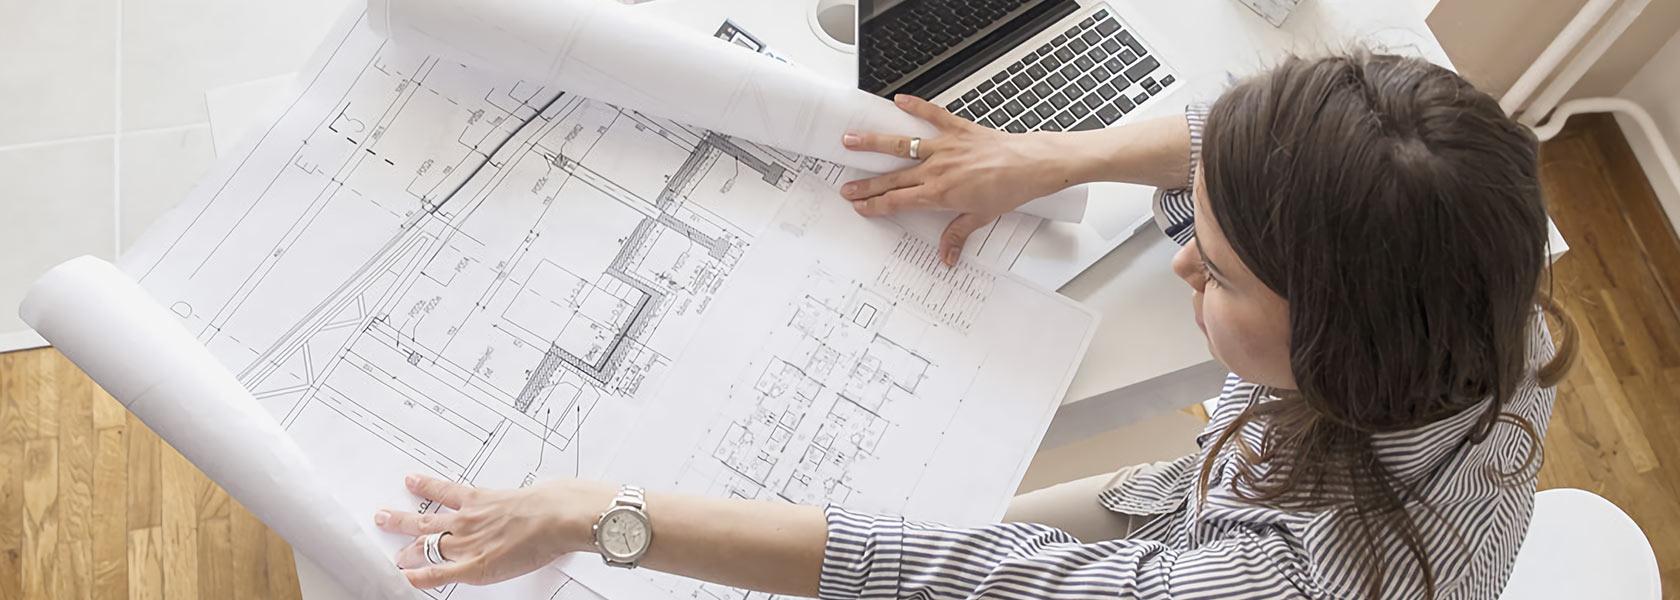 Arquitectura temuco universidad mayor for Arquitectura carrera profesional